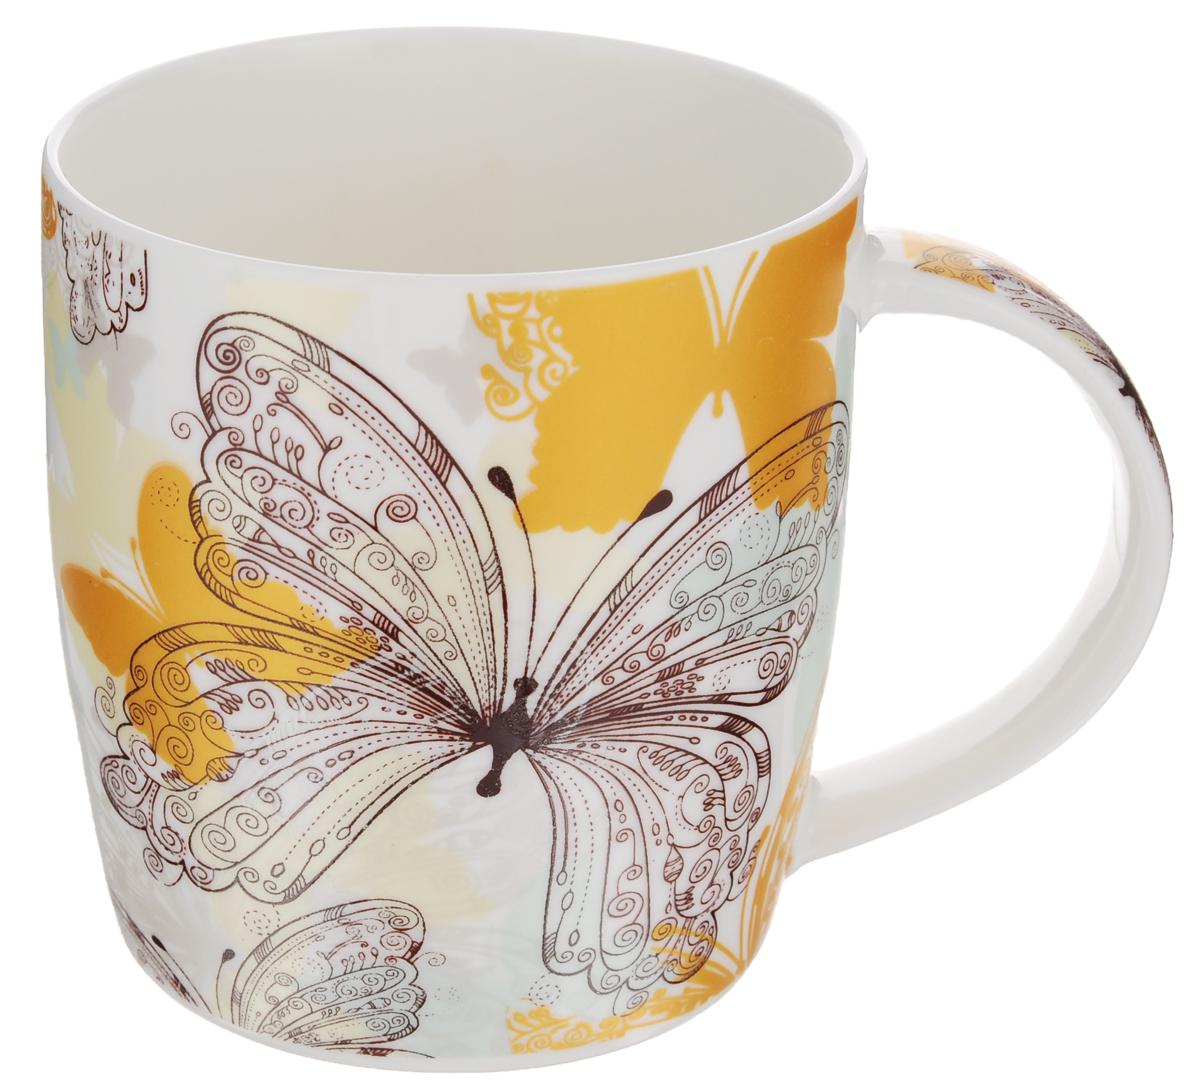 Кружка Бабочки, цвет: белый, желтый, 355 млLQB35-X404_белый, желтыйКружка Бабочки изготовлена из высококачественного фарфора, покрытого слоем сверкающей глазури. Внешние стенки изделия оформлены красочным изображением бабочек. Такая кружка прекрасно подойдет для горячих и холодных напитков. Она дополнит коллекцию вашей кухонной посуды и будет служить долгие годы. Диаметр кружки (по верхнему краю): 8,5 см.